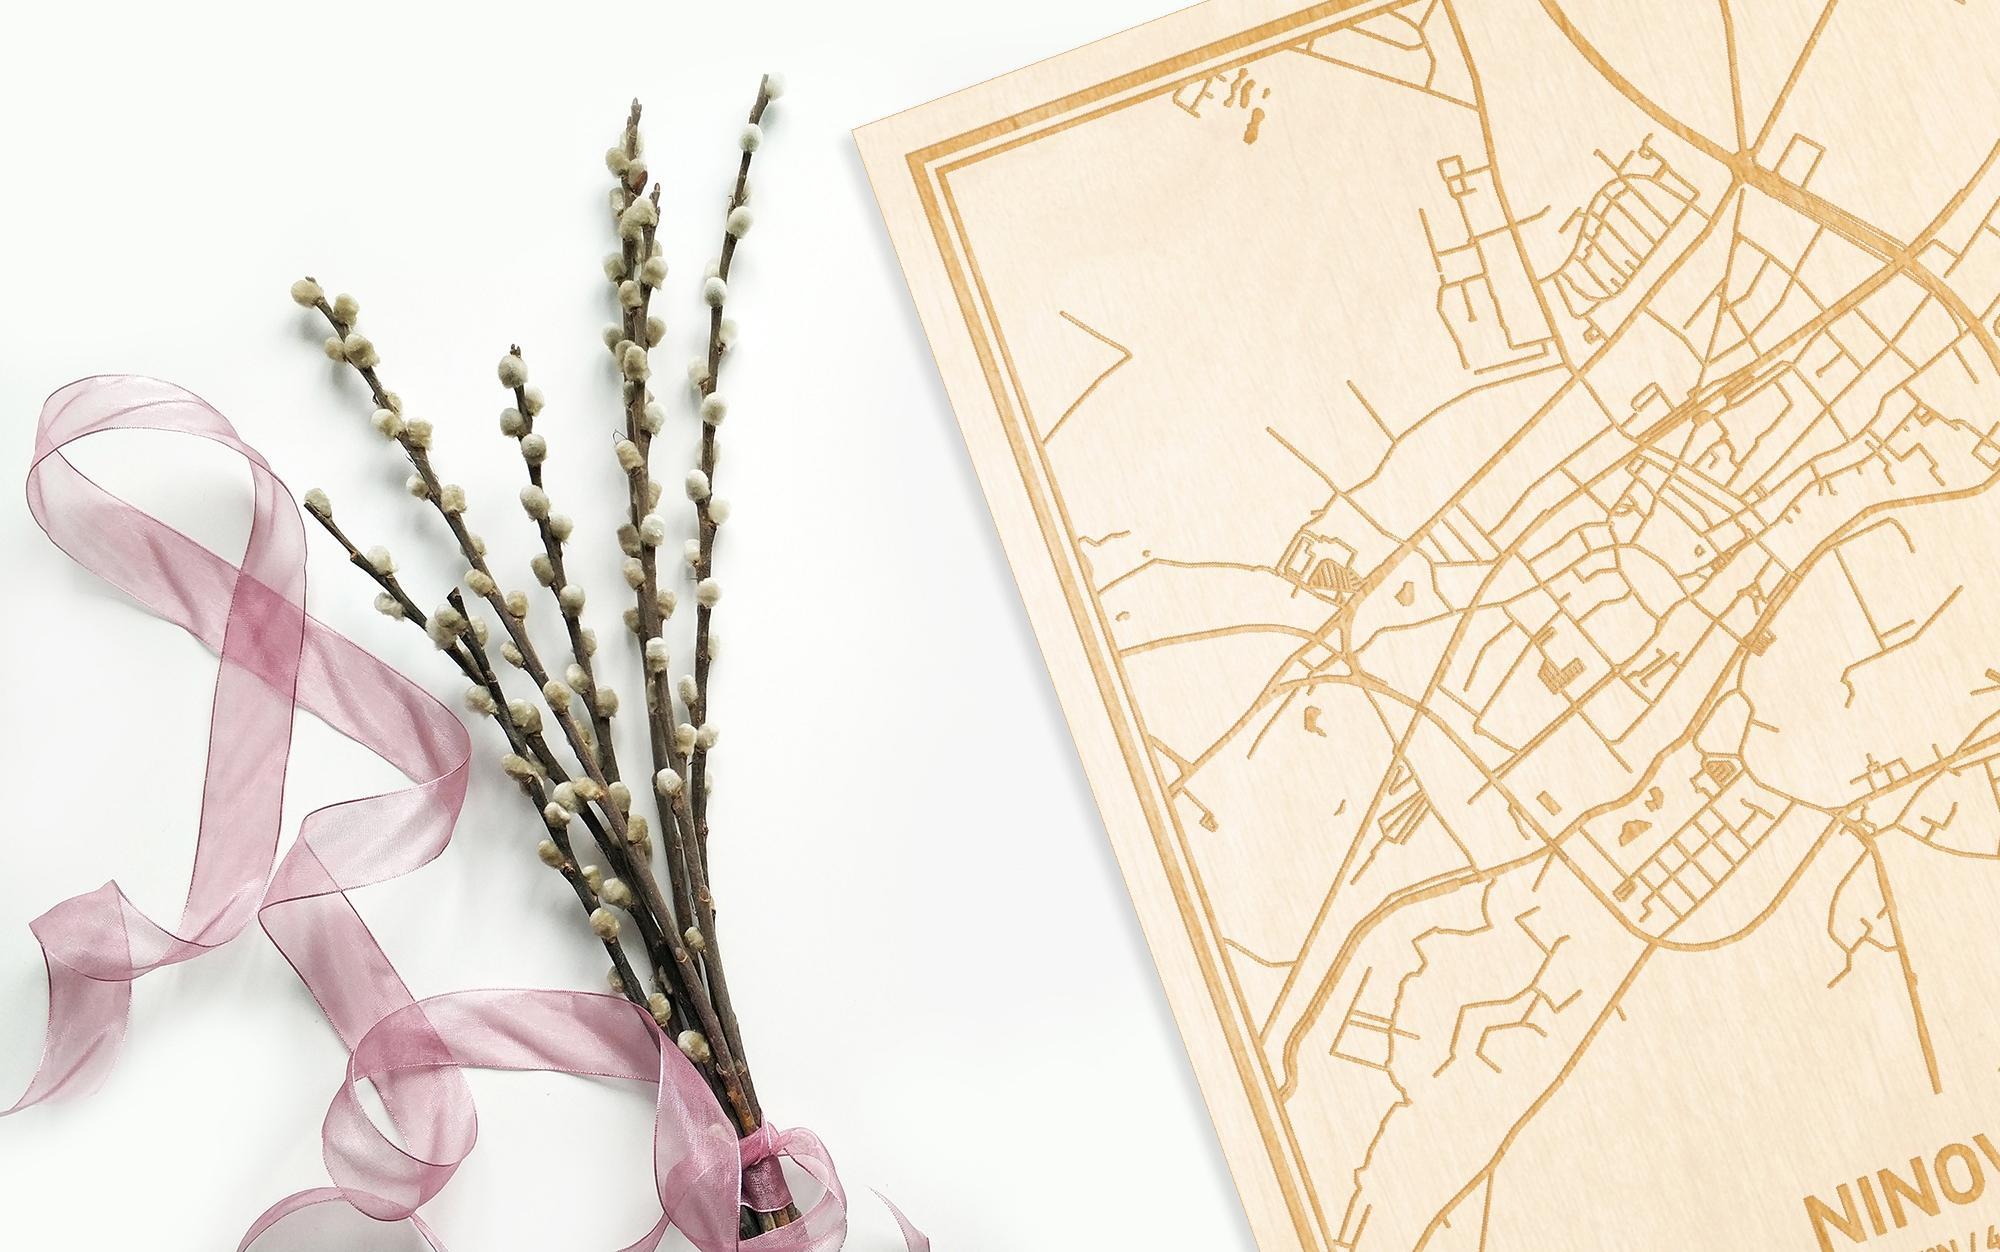 Hier ligt de houten plattegrond Ninove naast een bloemetje als gepersonaliseerd cadeau voor haar.